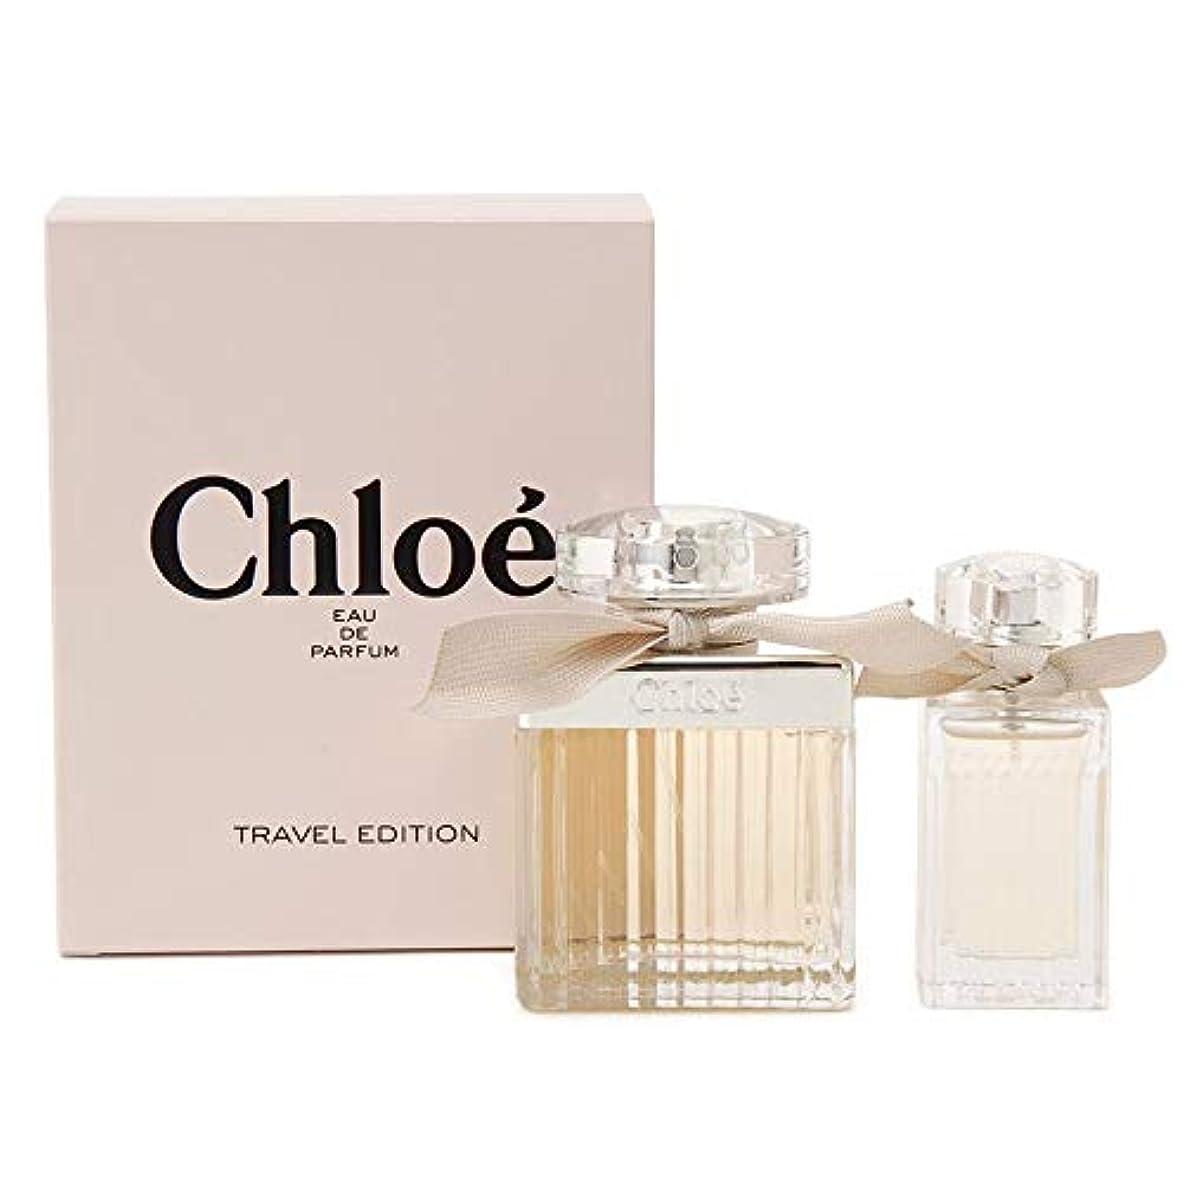 曇った淡い防水クロエ chloe オードパルファム 香水セット 20ml 75ml 2P 香水 レディース 女性用 フレグランス [並行輸入品]